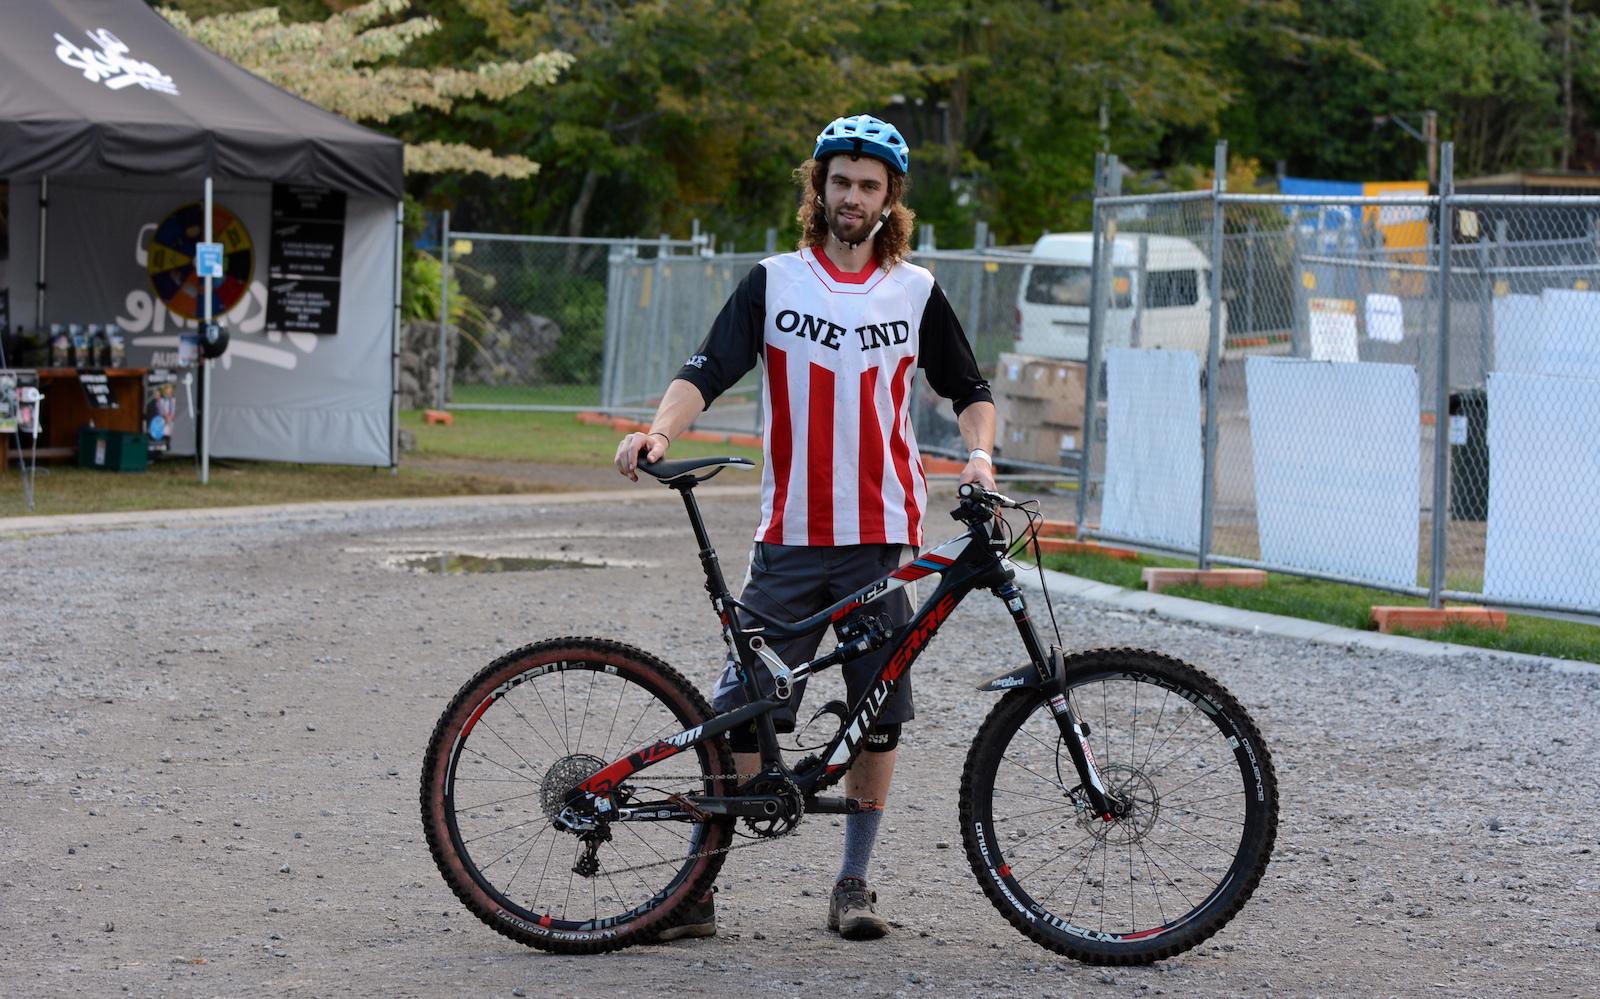 EWS 1 Pro Bike Rides